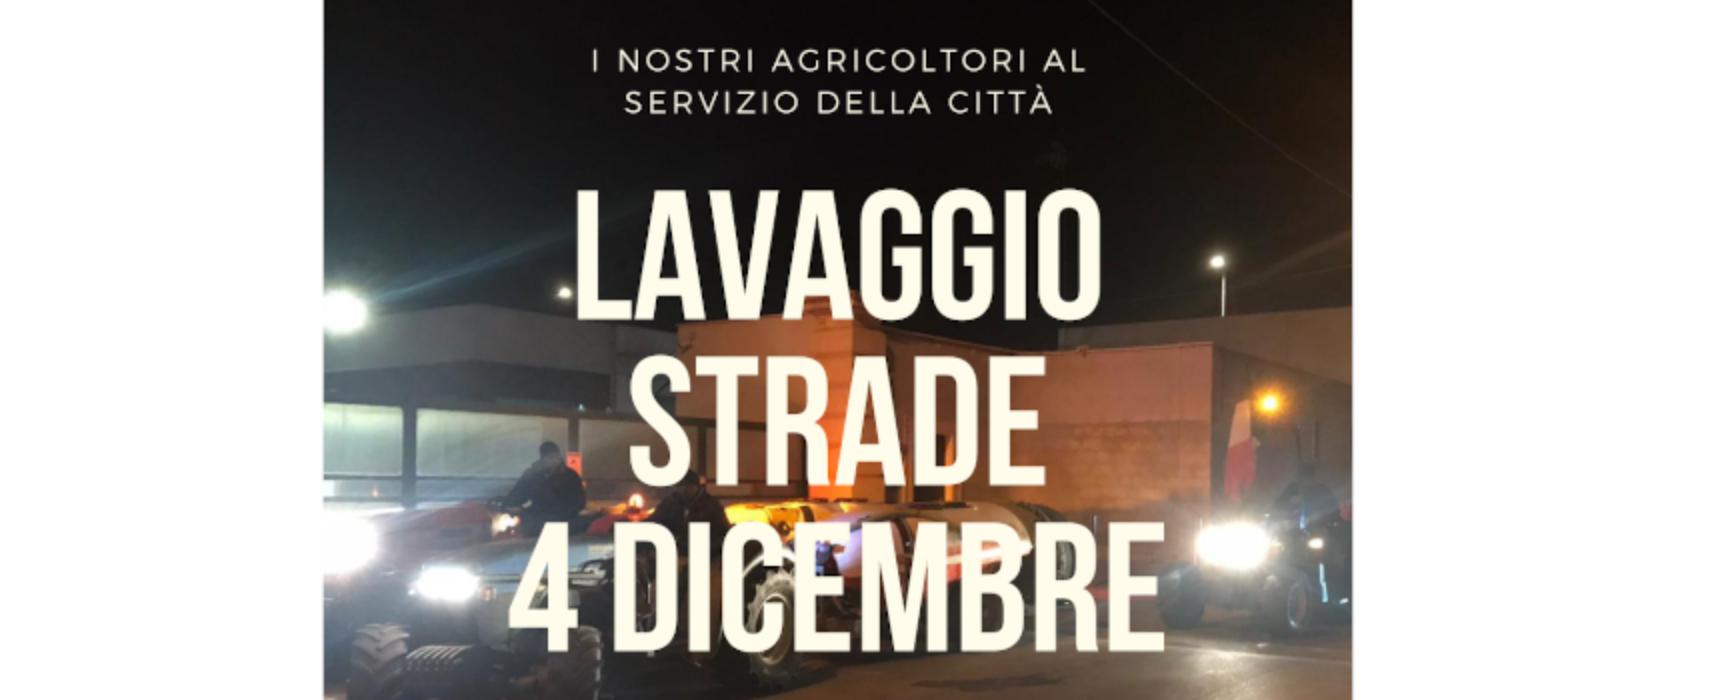 """Lavaggio straordinario strade pubbliche con uso di trattori, Angarano: """"Grazie agli agricoltori"""""""